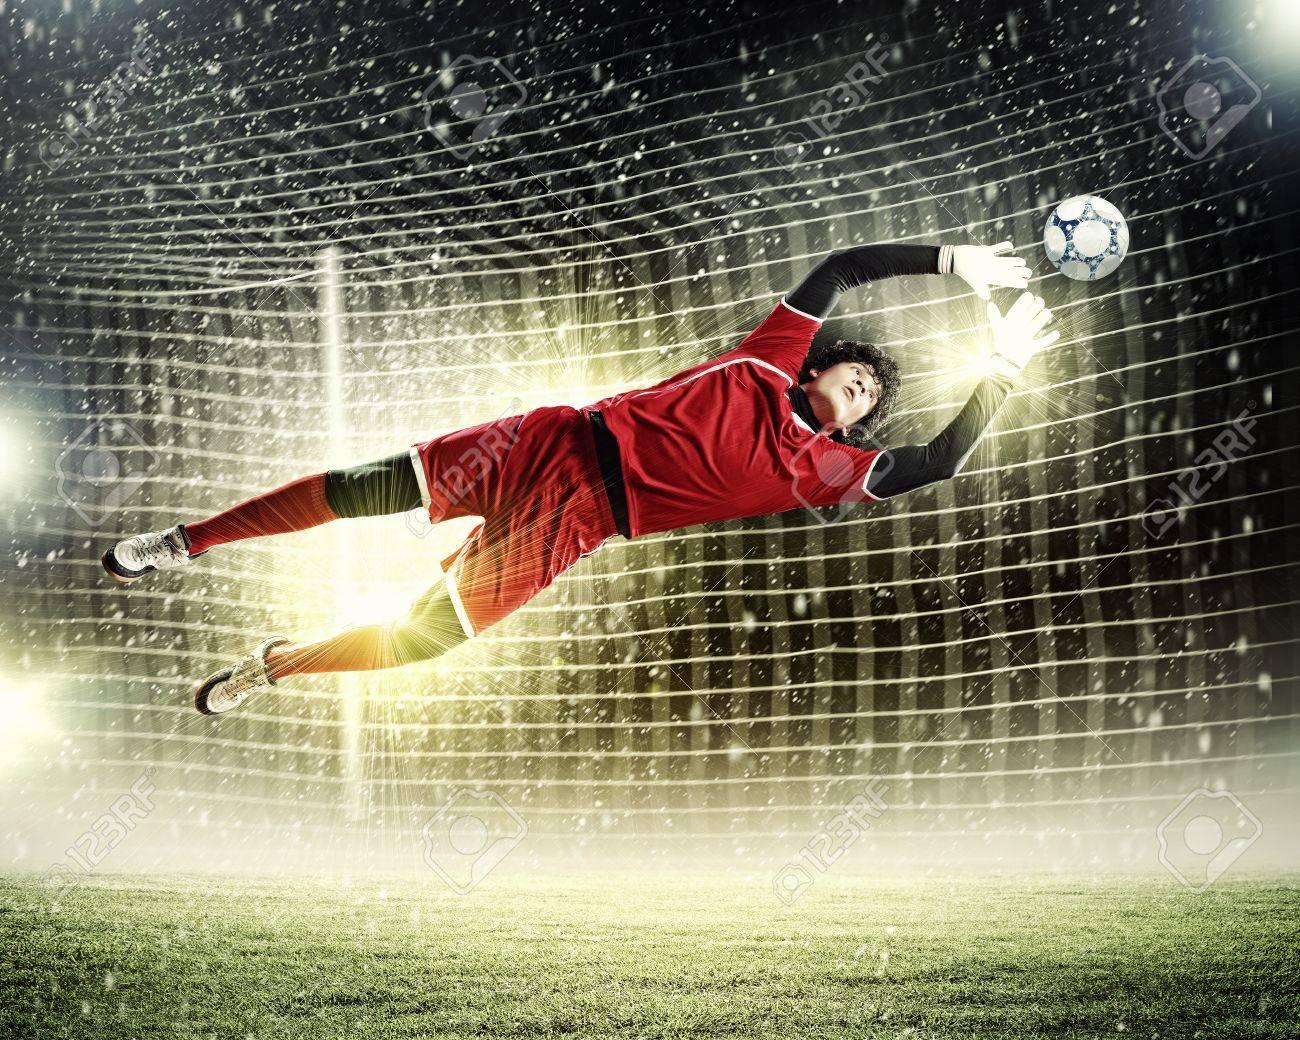 как ловить мяч в руки вратарю от своих